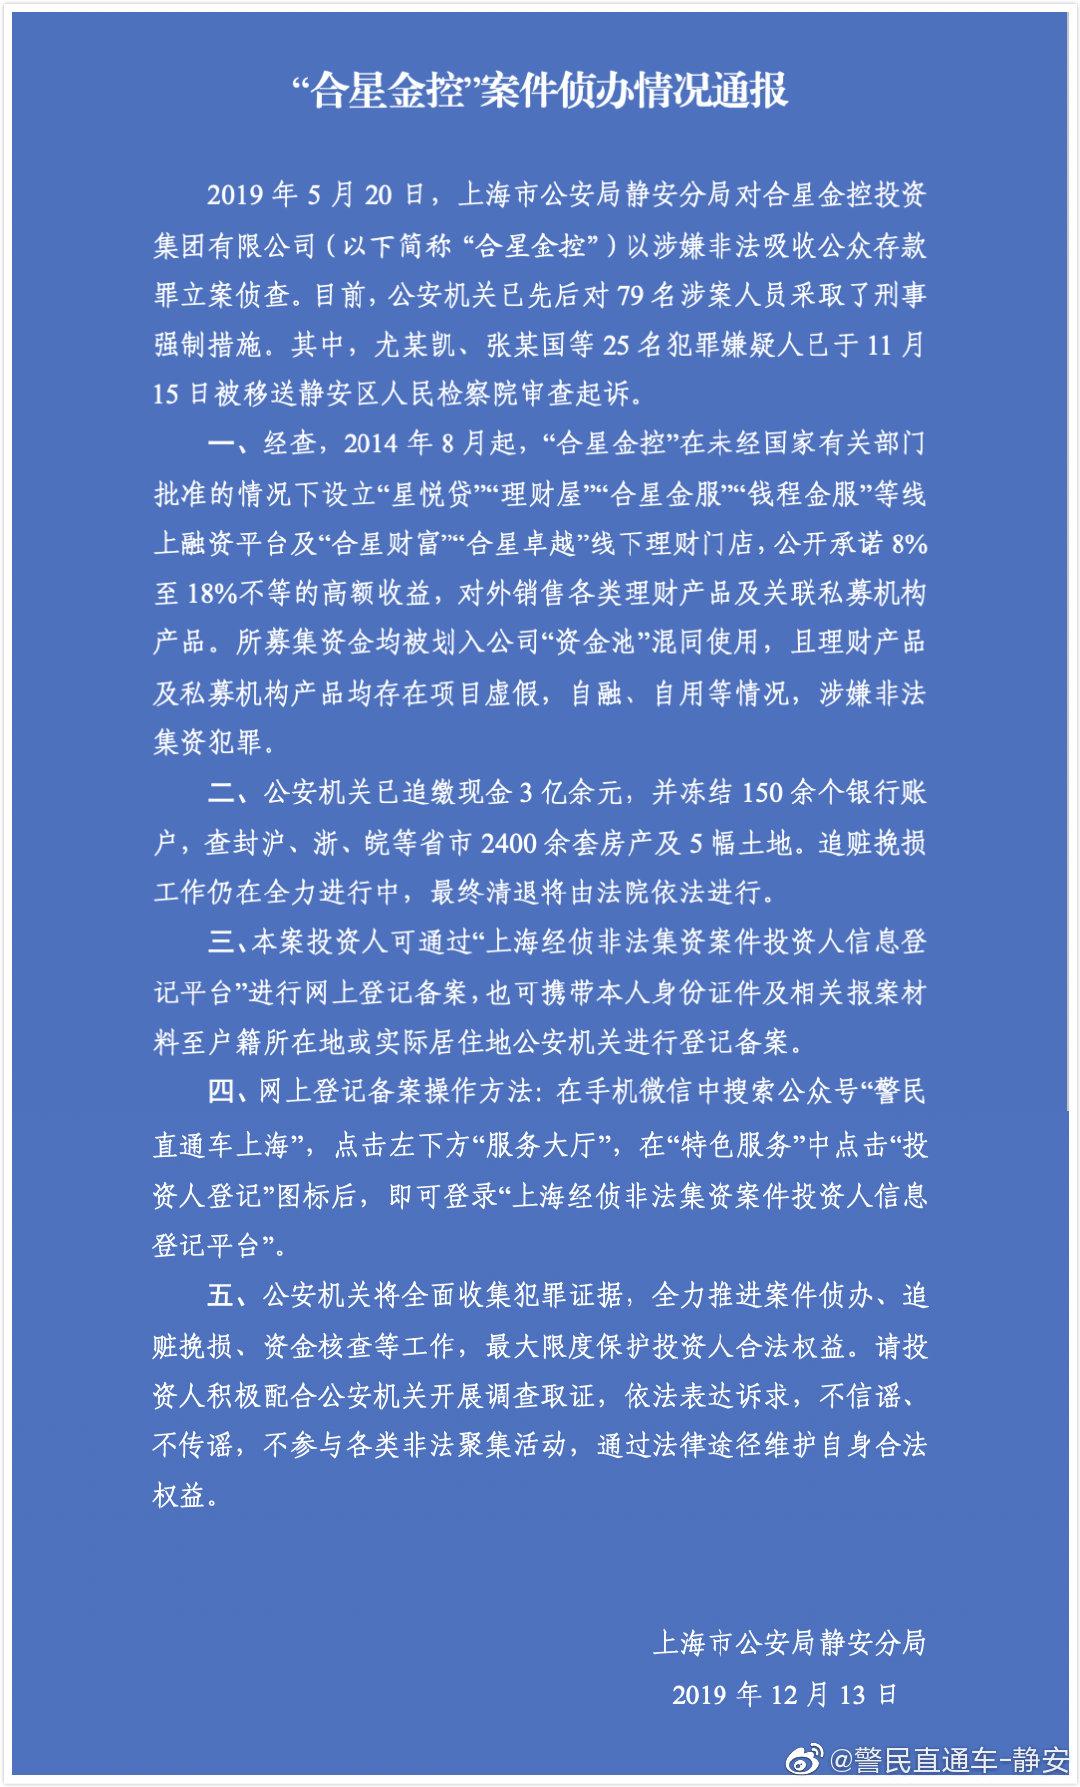 上海合星金控被立案:抓了79人 追缴现金超3亿